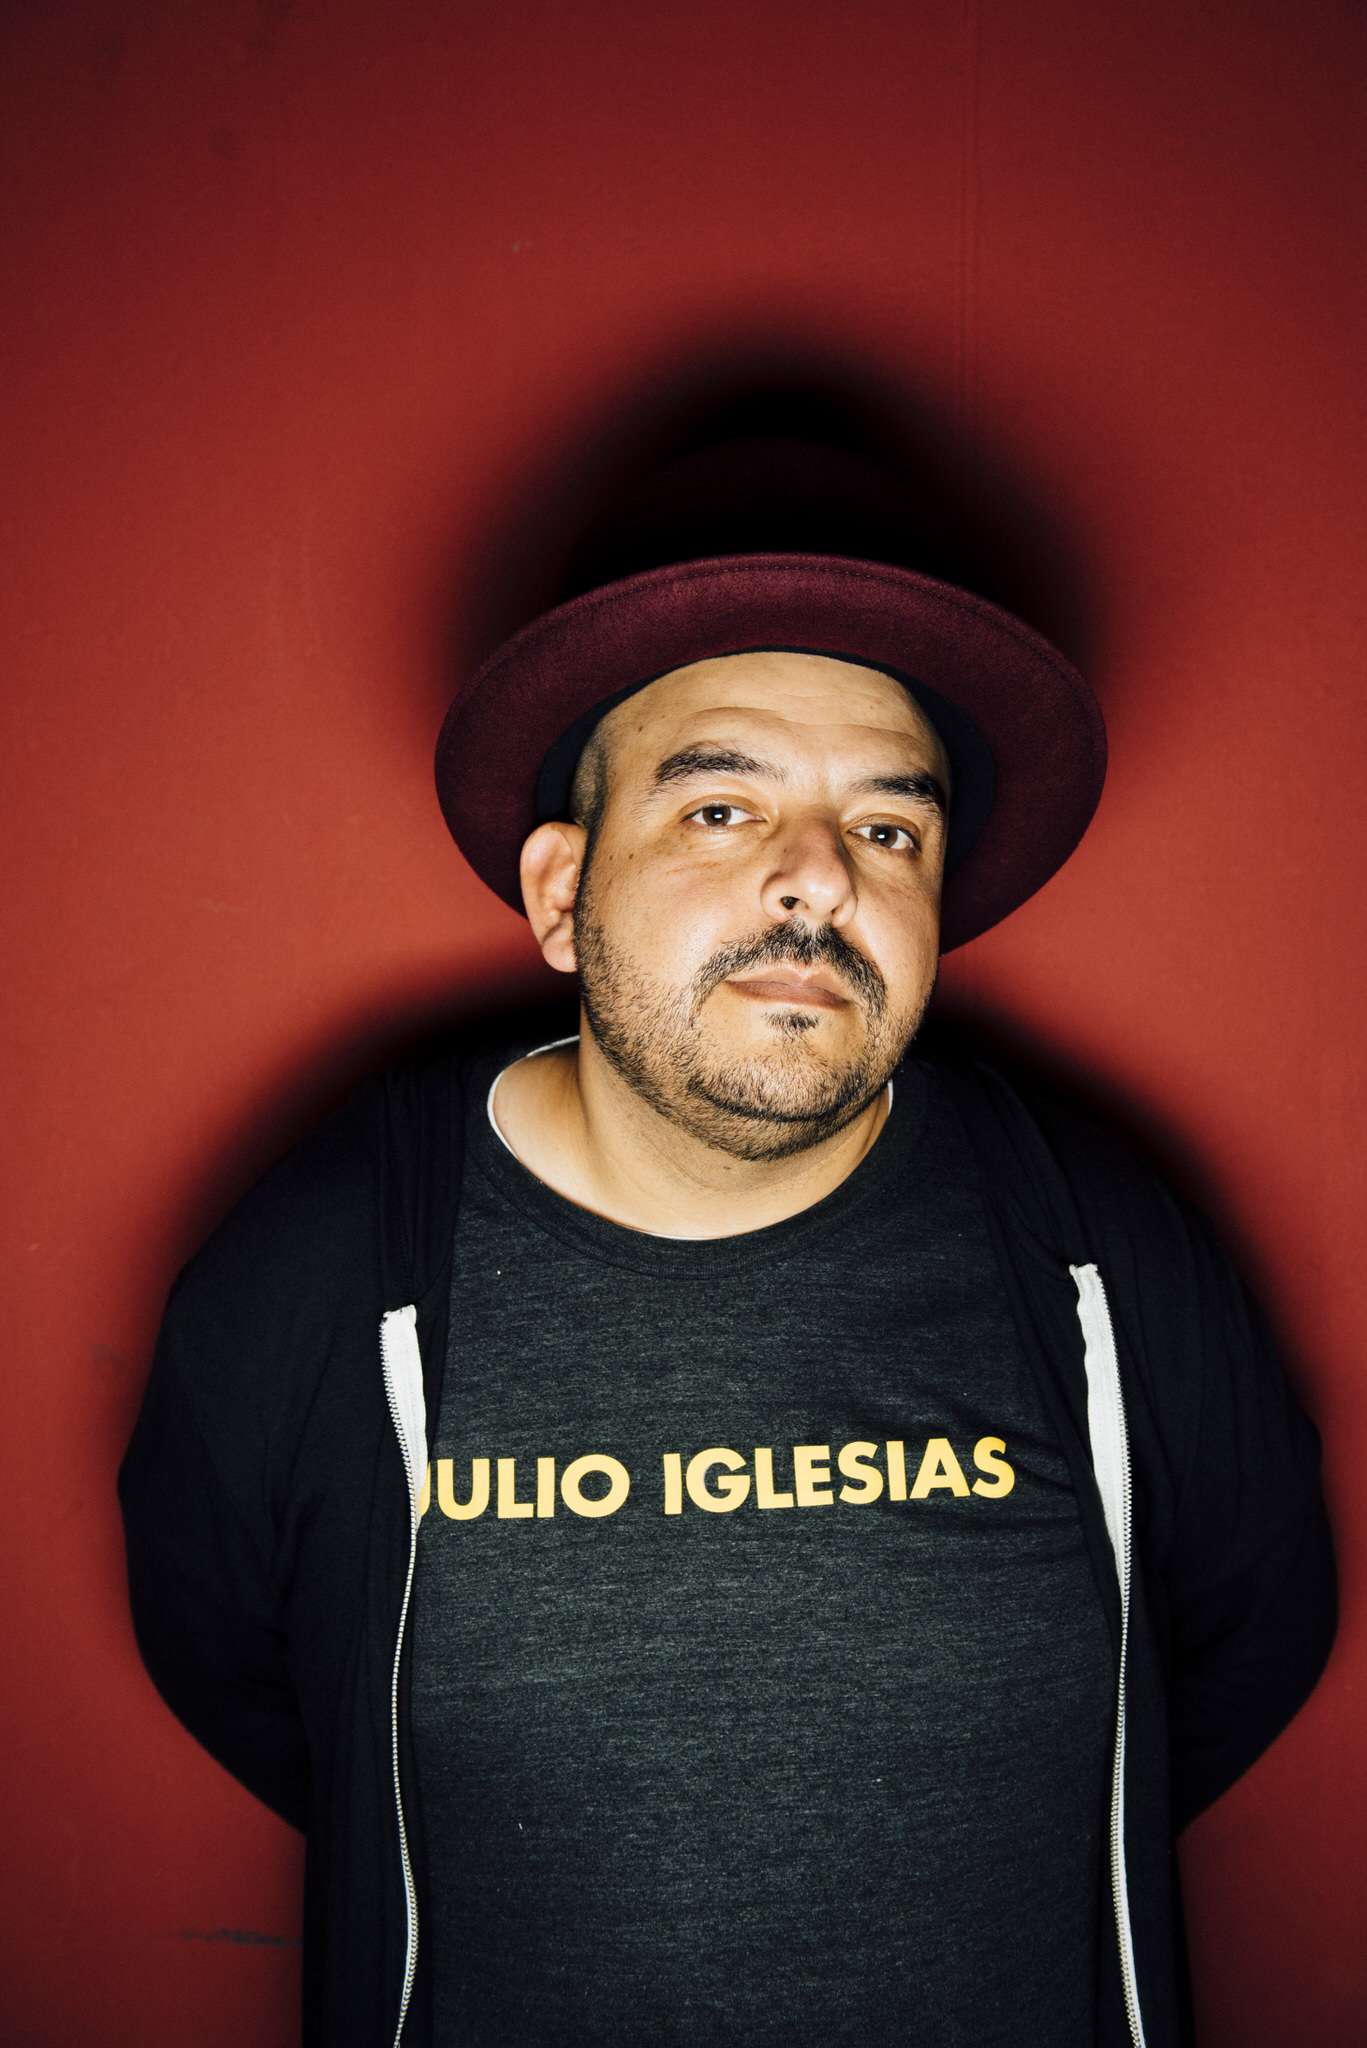 Camilo Lara Instituto Mexicano del Sonido